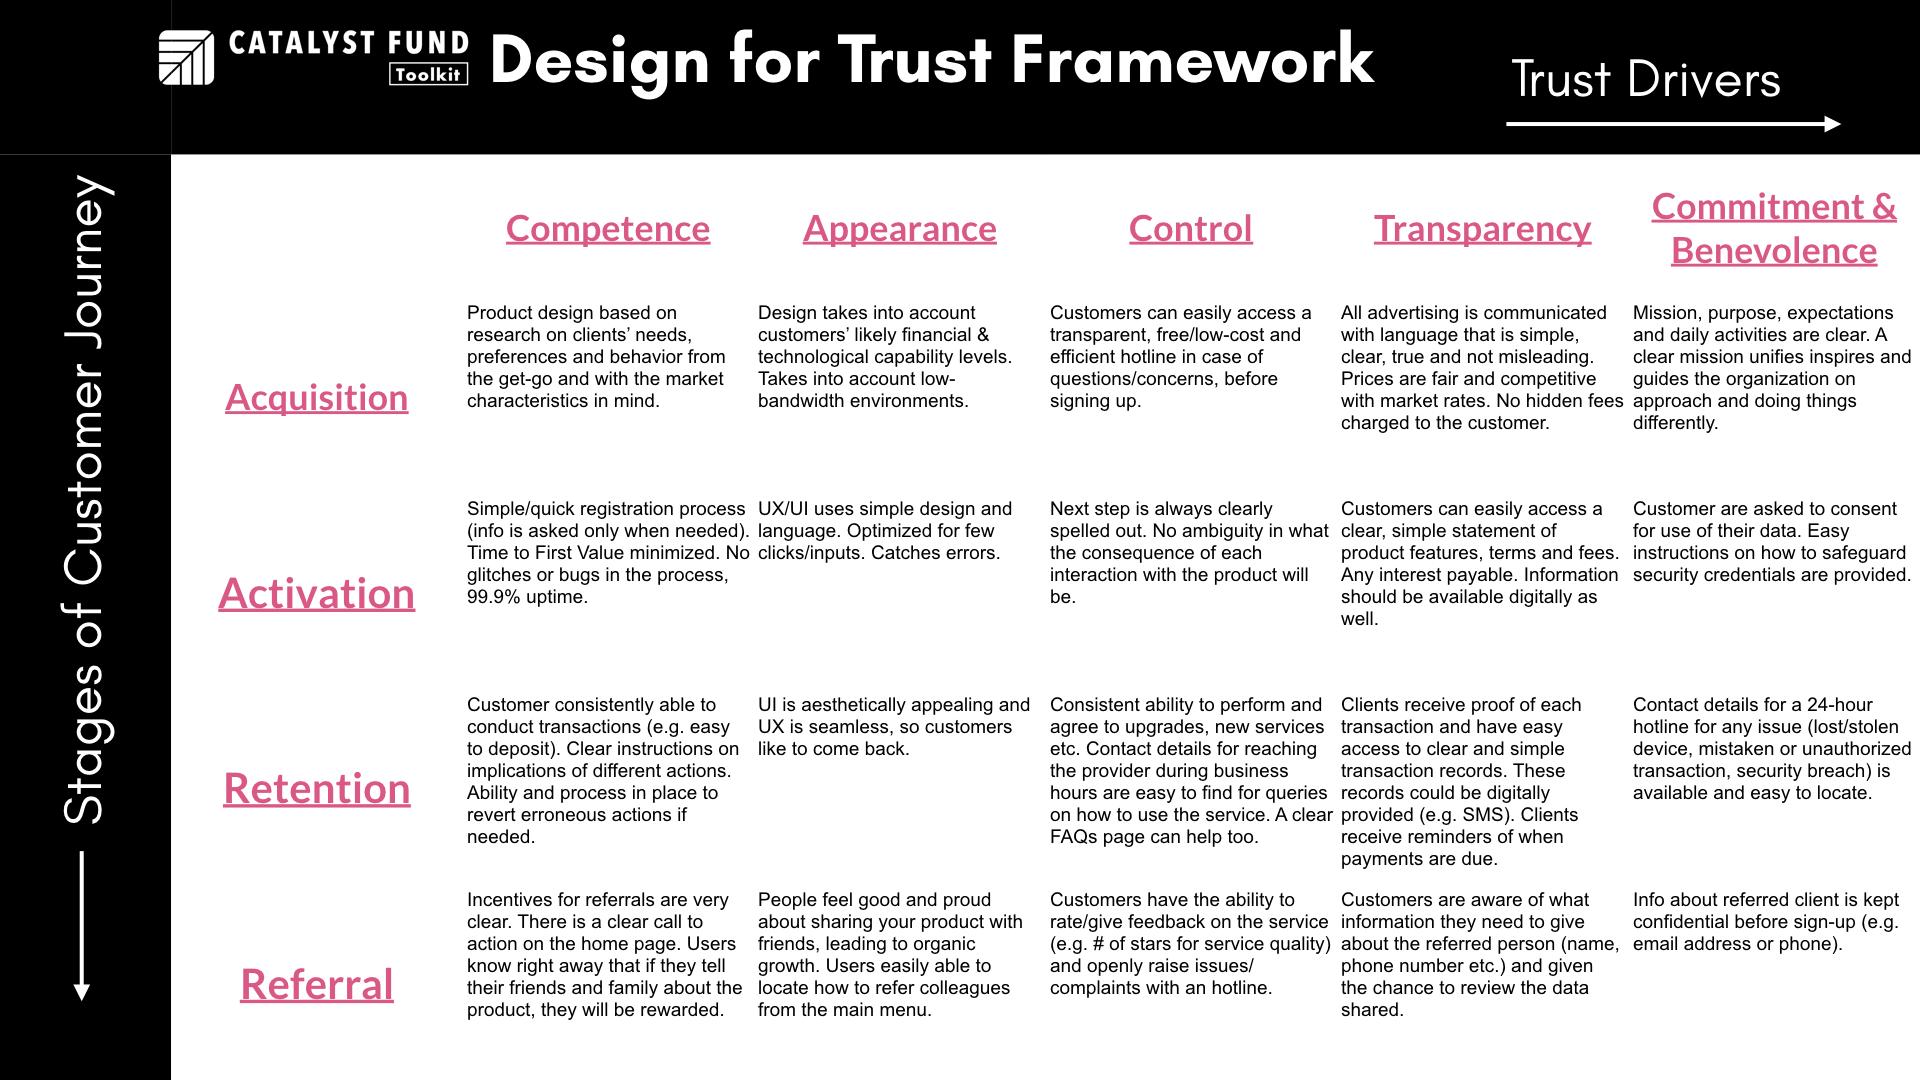 Design for Trust Framework